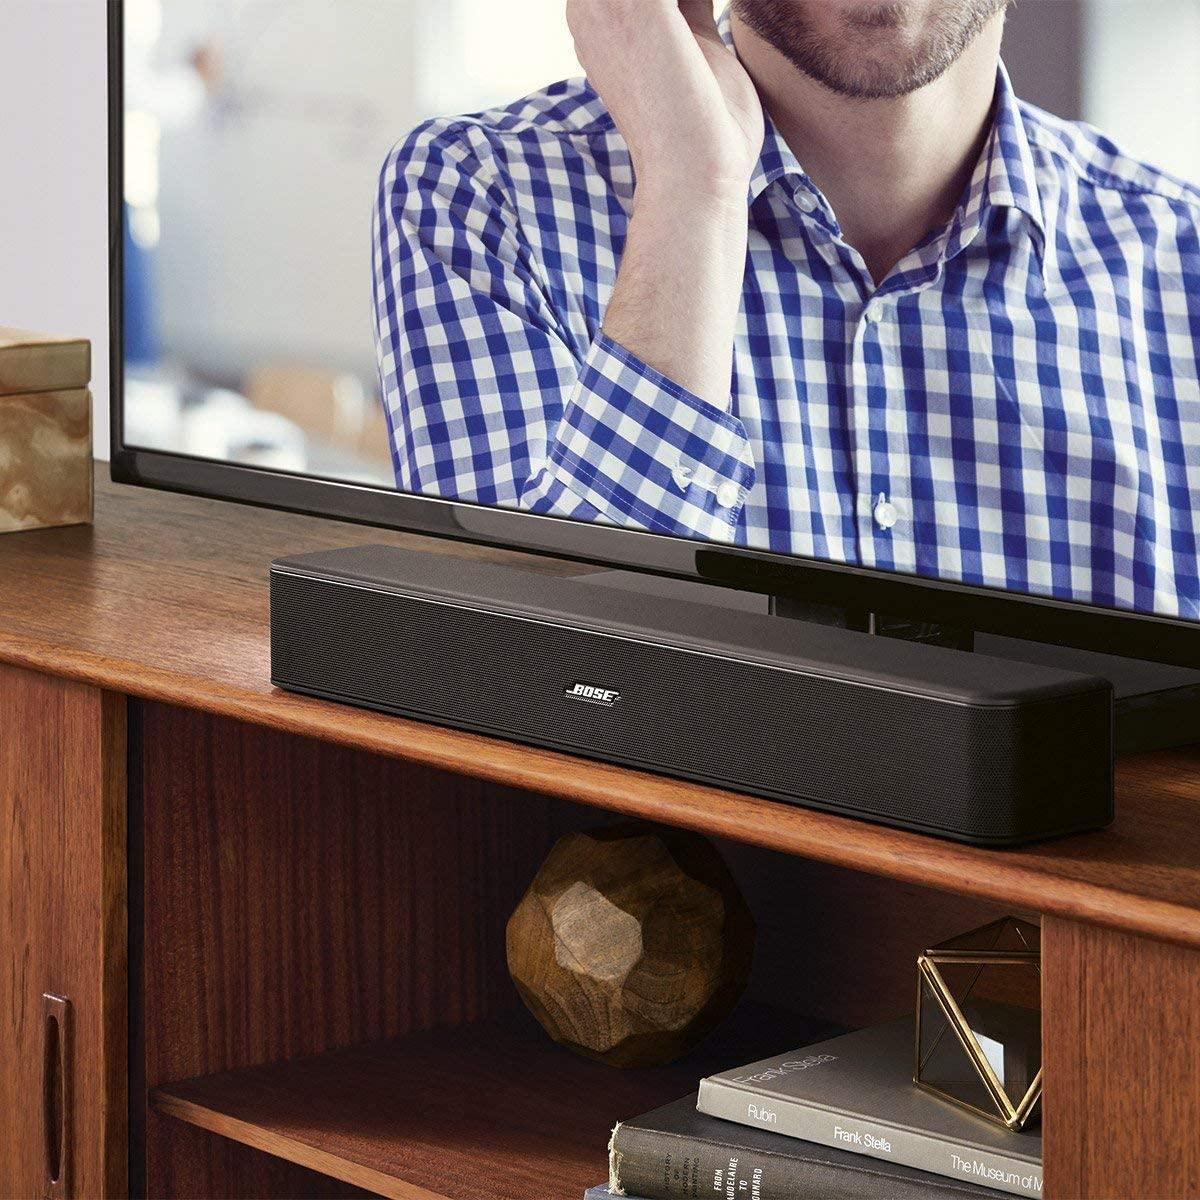 Bose Solo 5 Soundbar In a TV